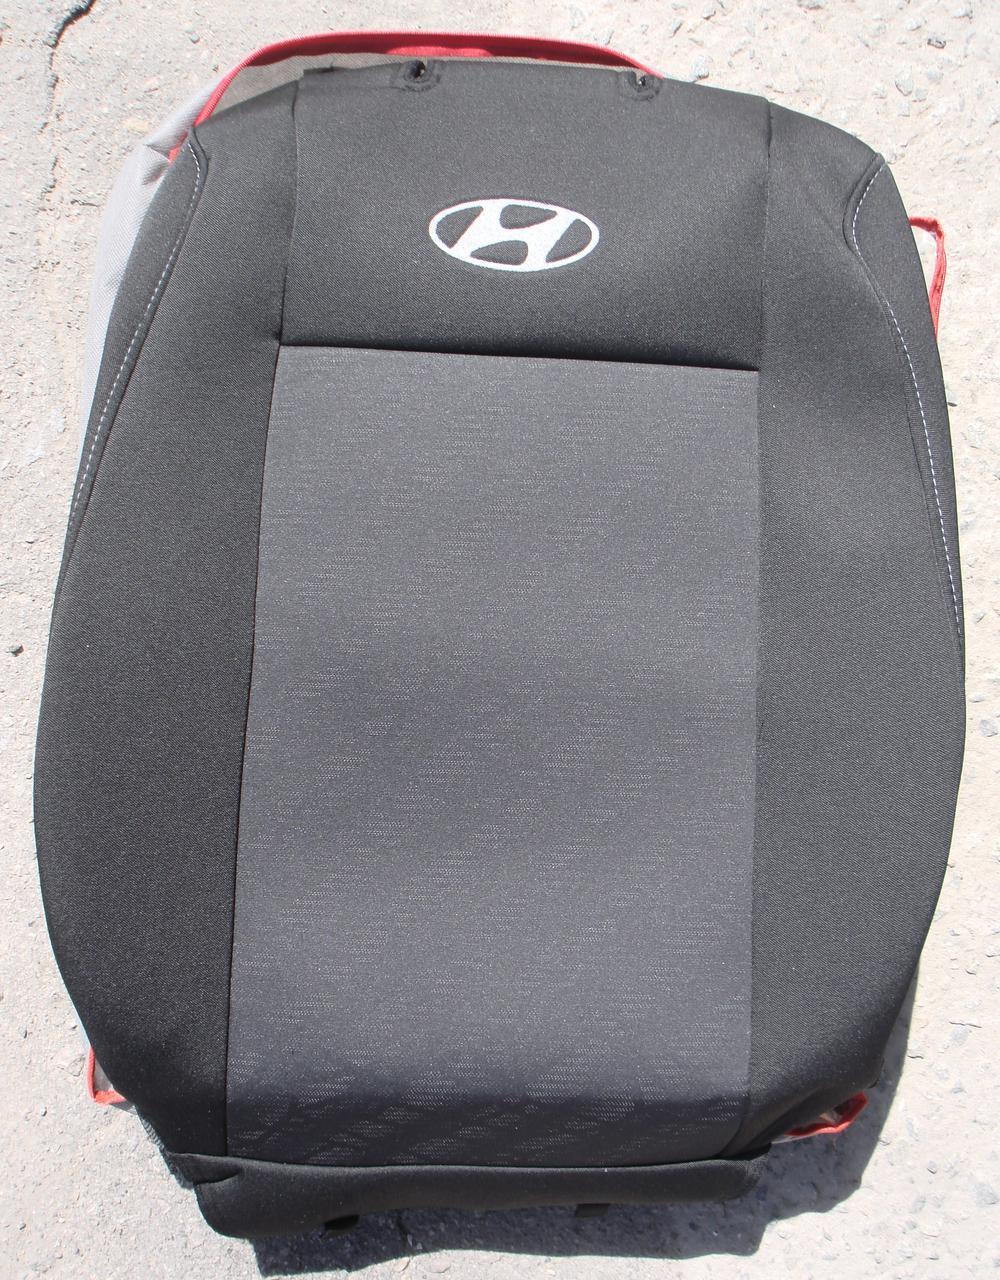 Авточехлы VIP HYUNDAI Sonata 2004-2010 автомобильные модельные чехлы на для сиденья сидений салона HYUNDAI ХУНДАЙ Хендай Sonata